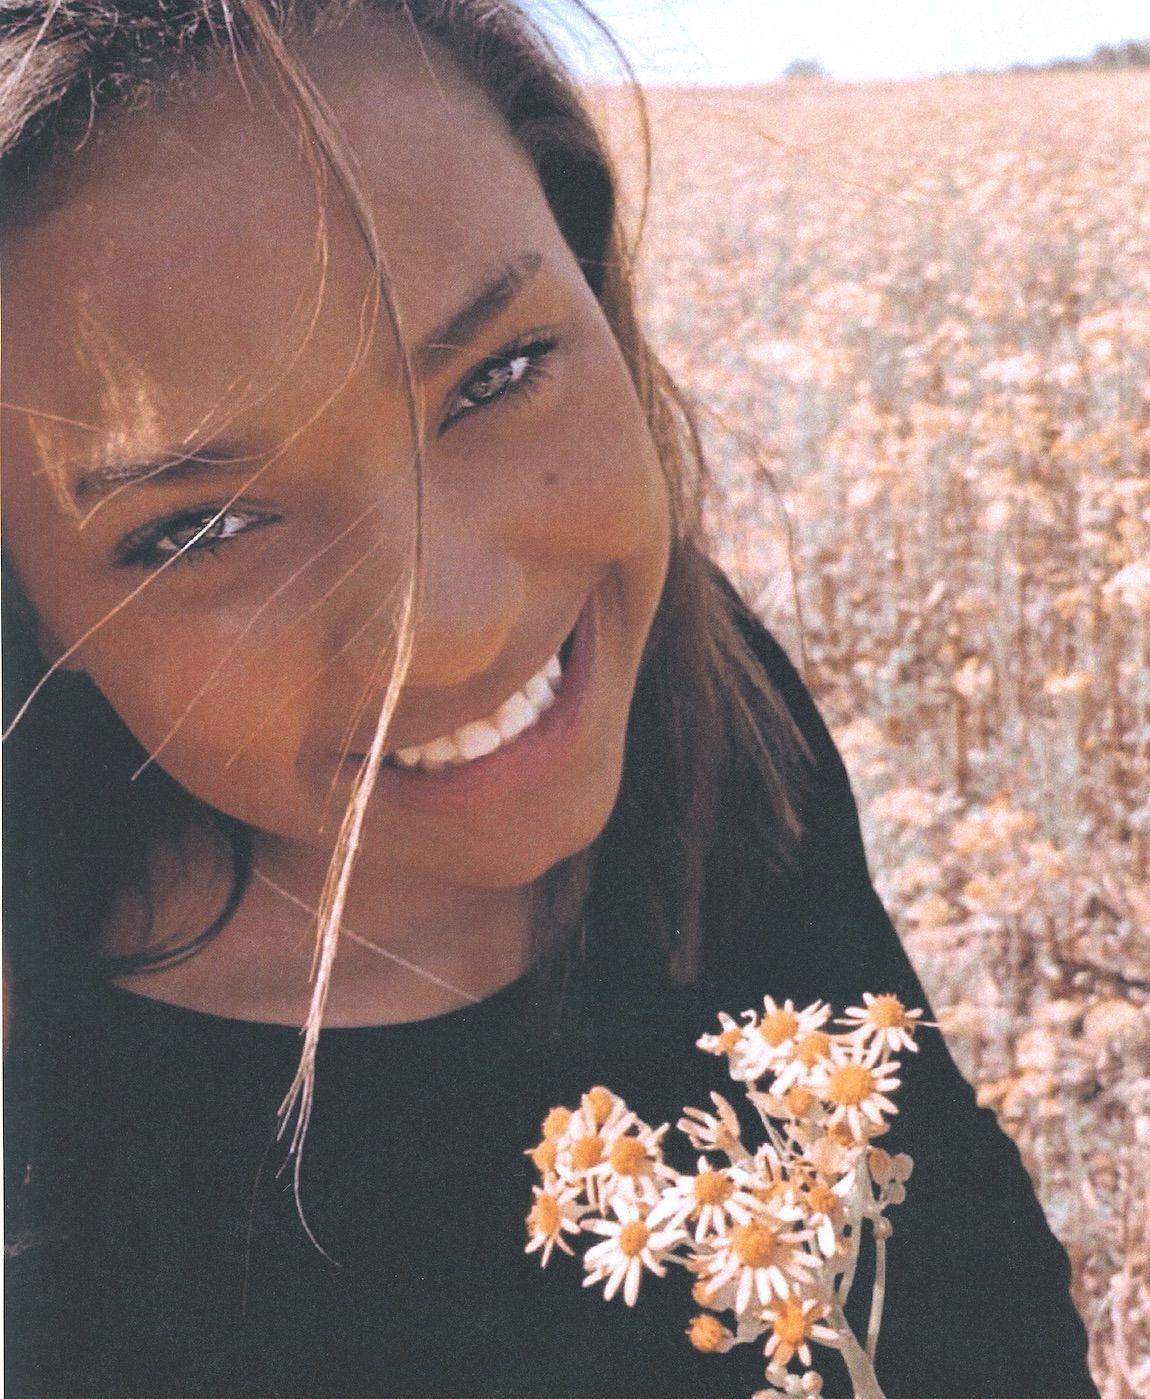 Alarryia La'Neal Jones